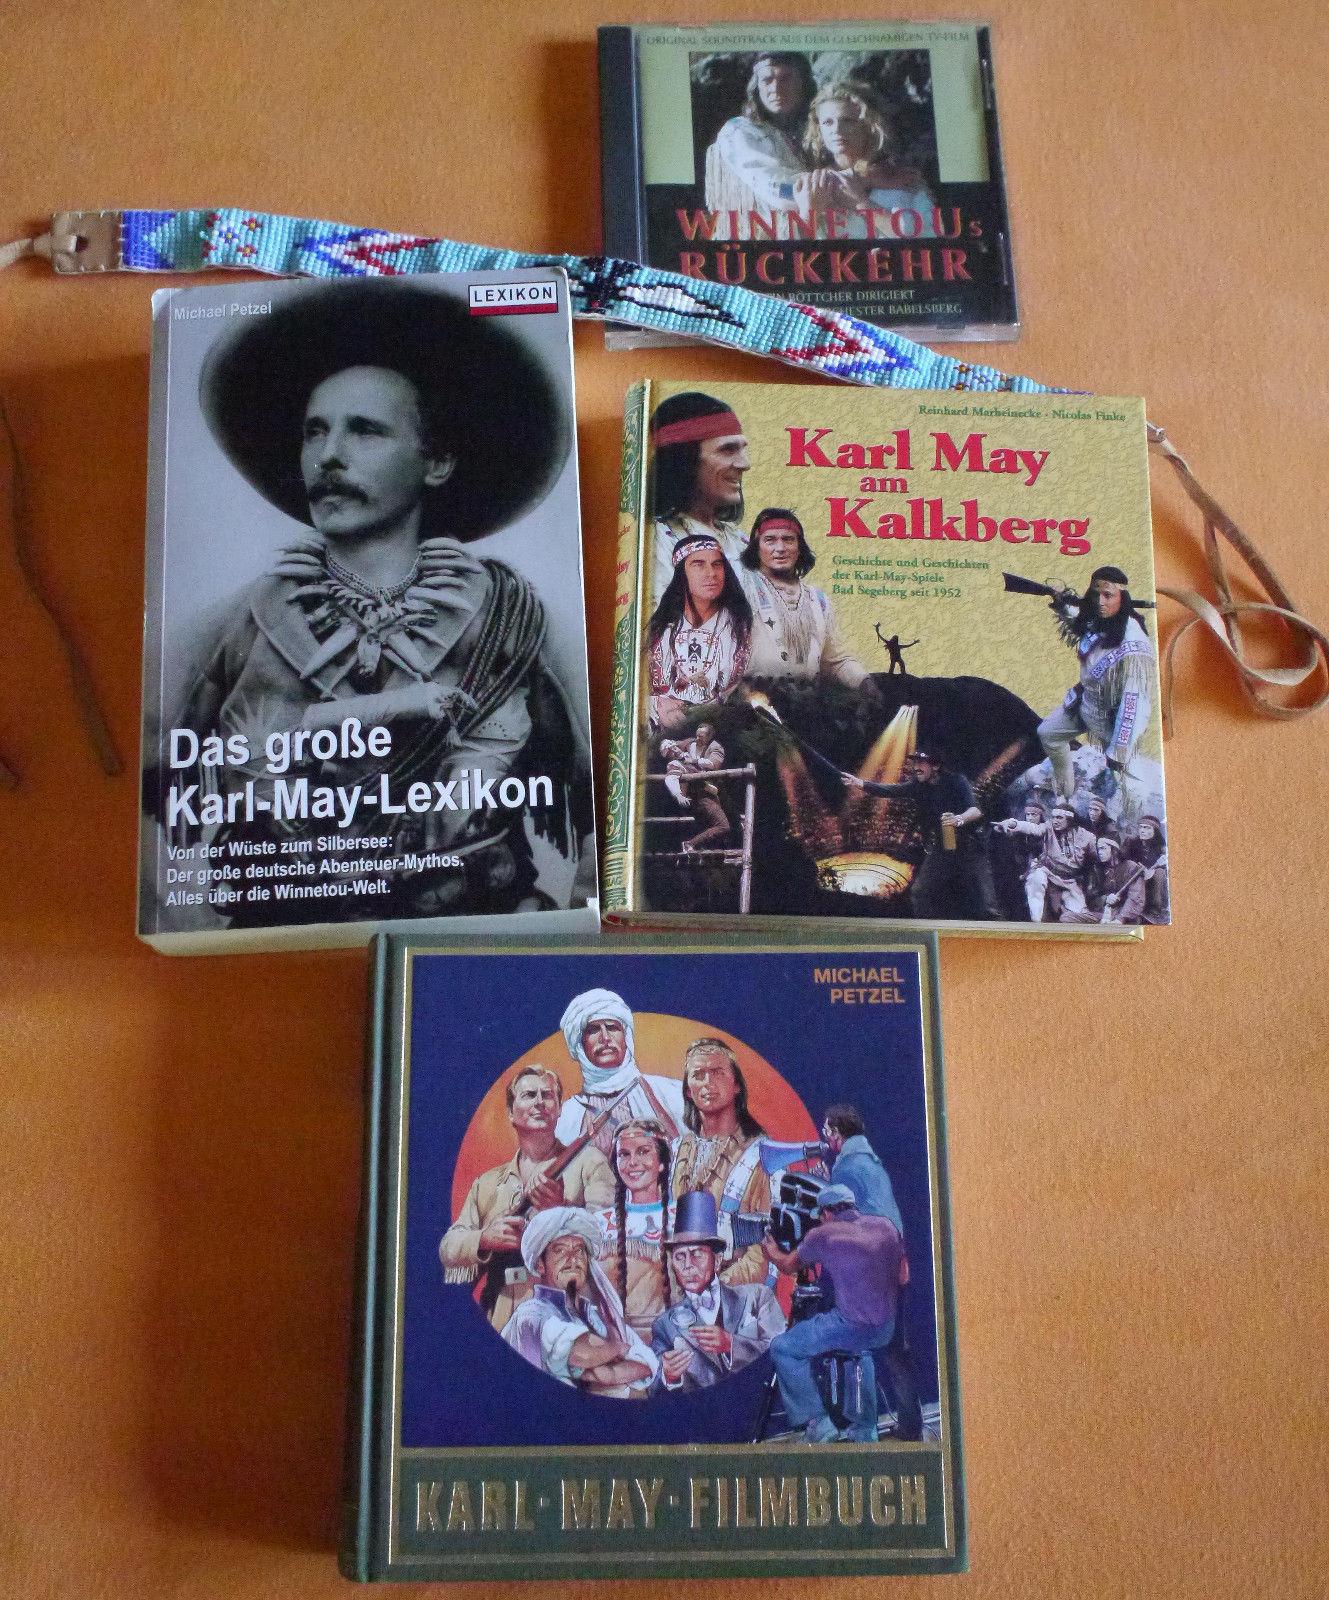 Karl May Sammlung (Bücher und Soundtrack)